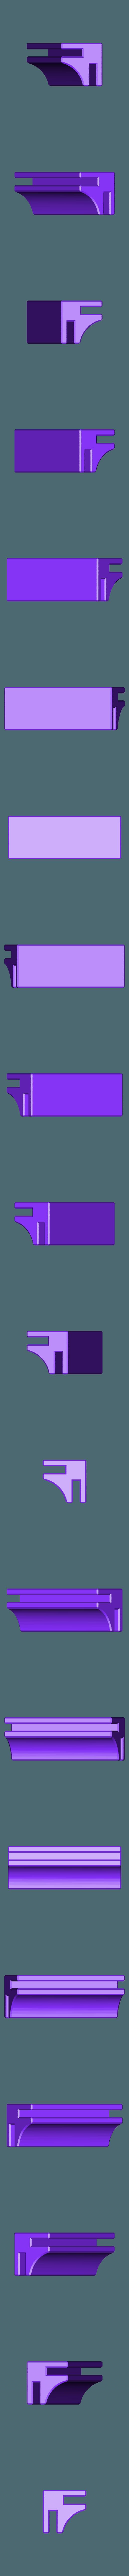 2Way_2inch.STL Download free STL file Drawer Dividers • 3D printer template, Mendelssohn